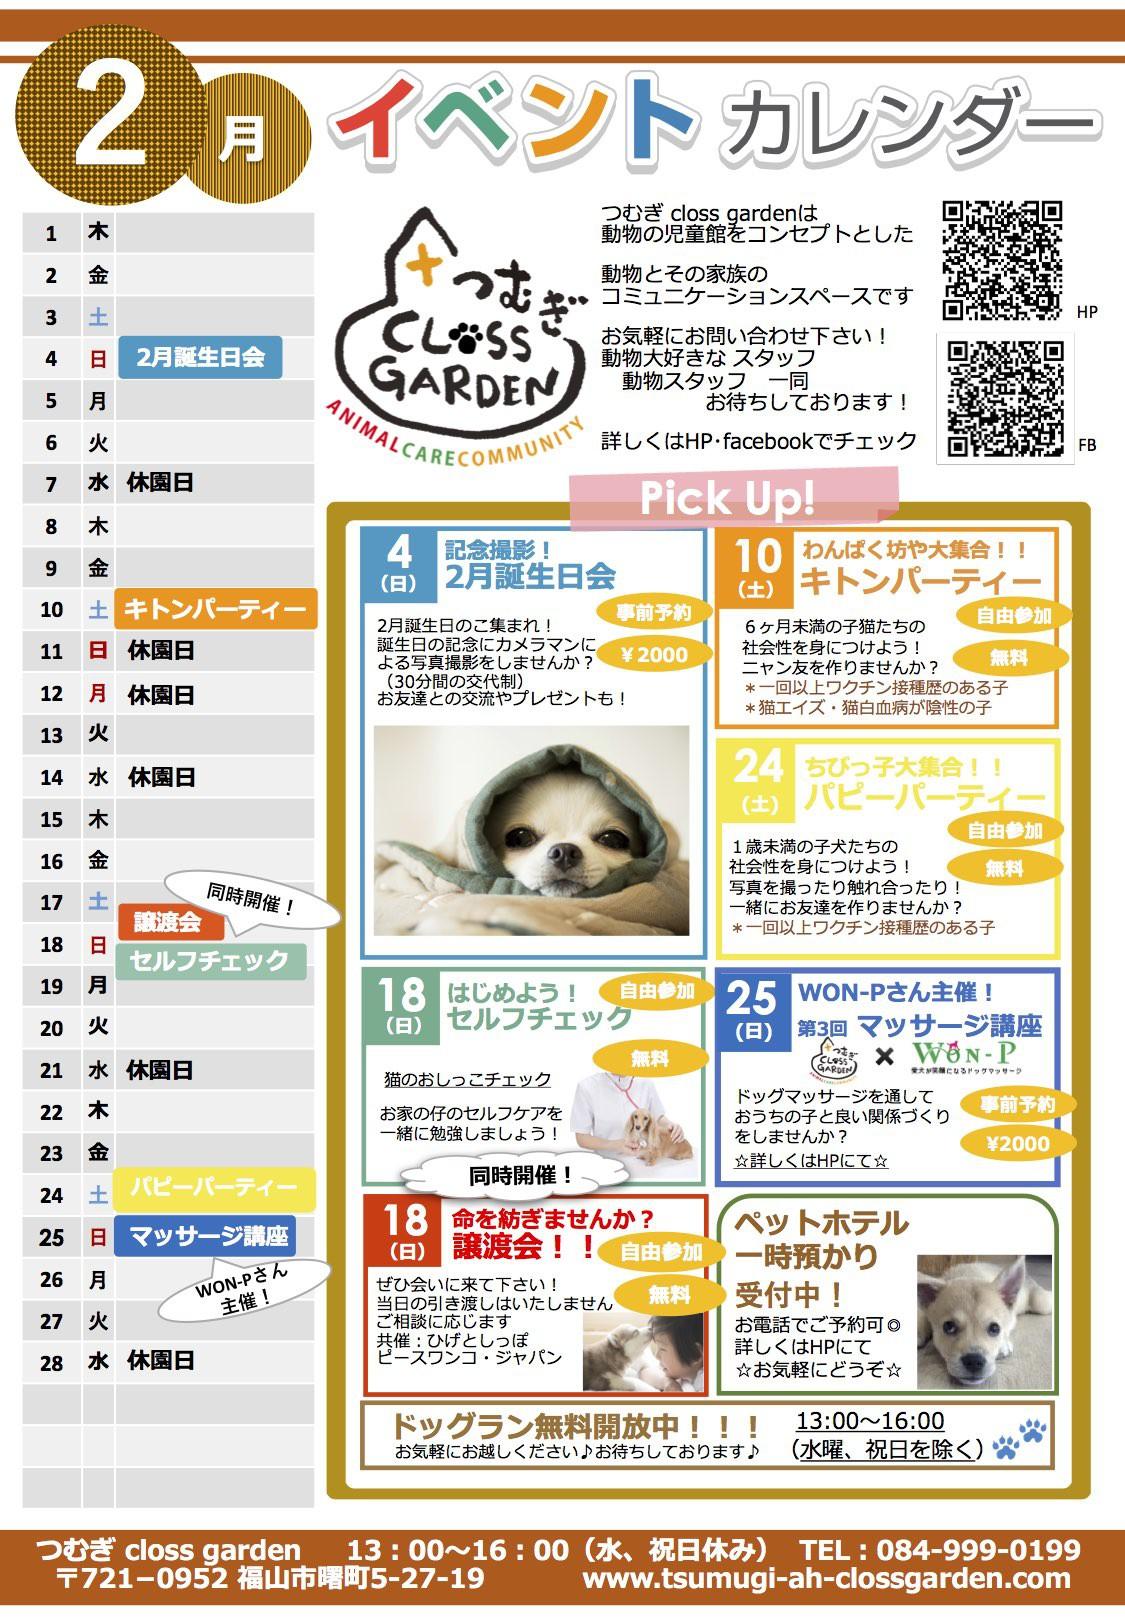 2018.2 イベントカレンダー